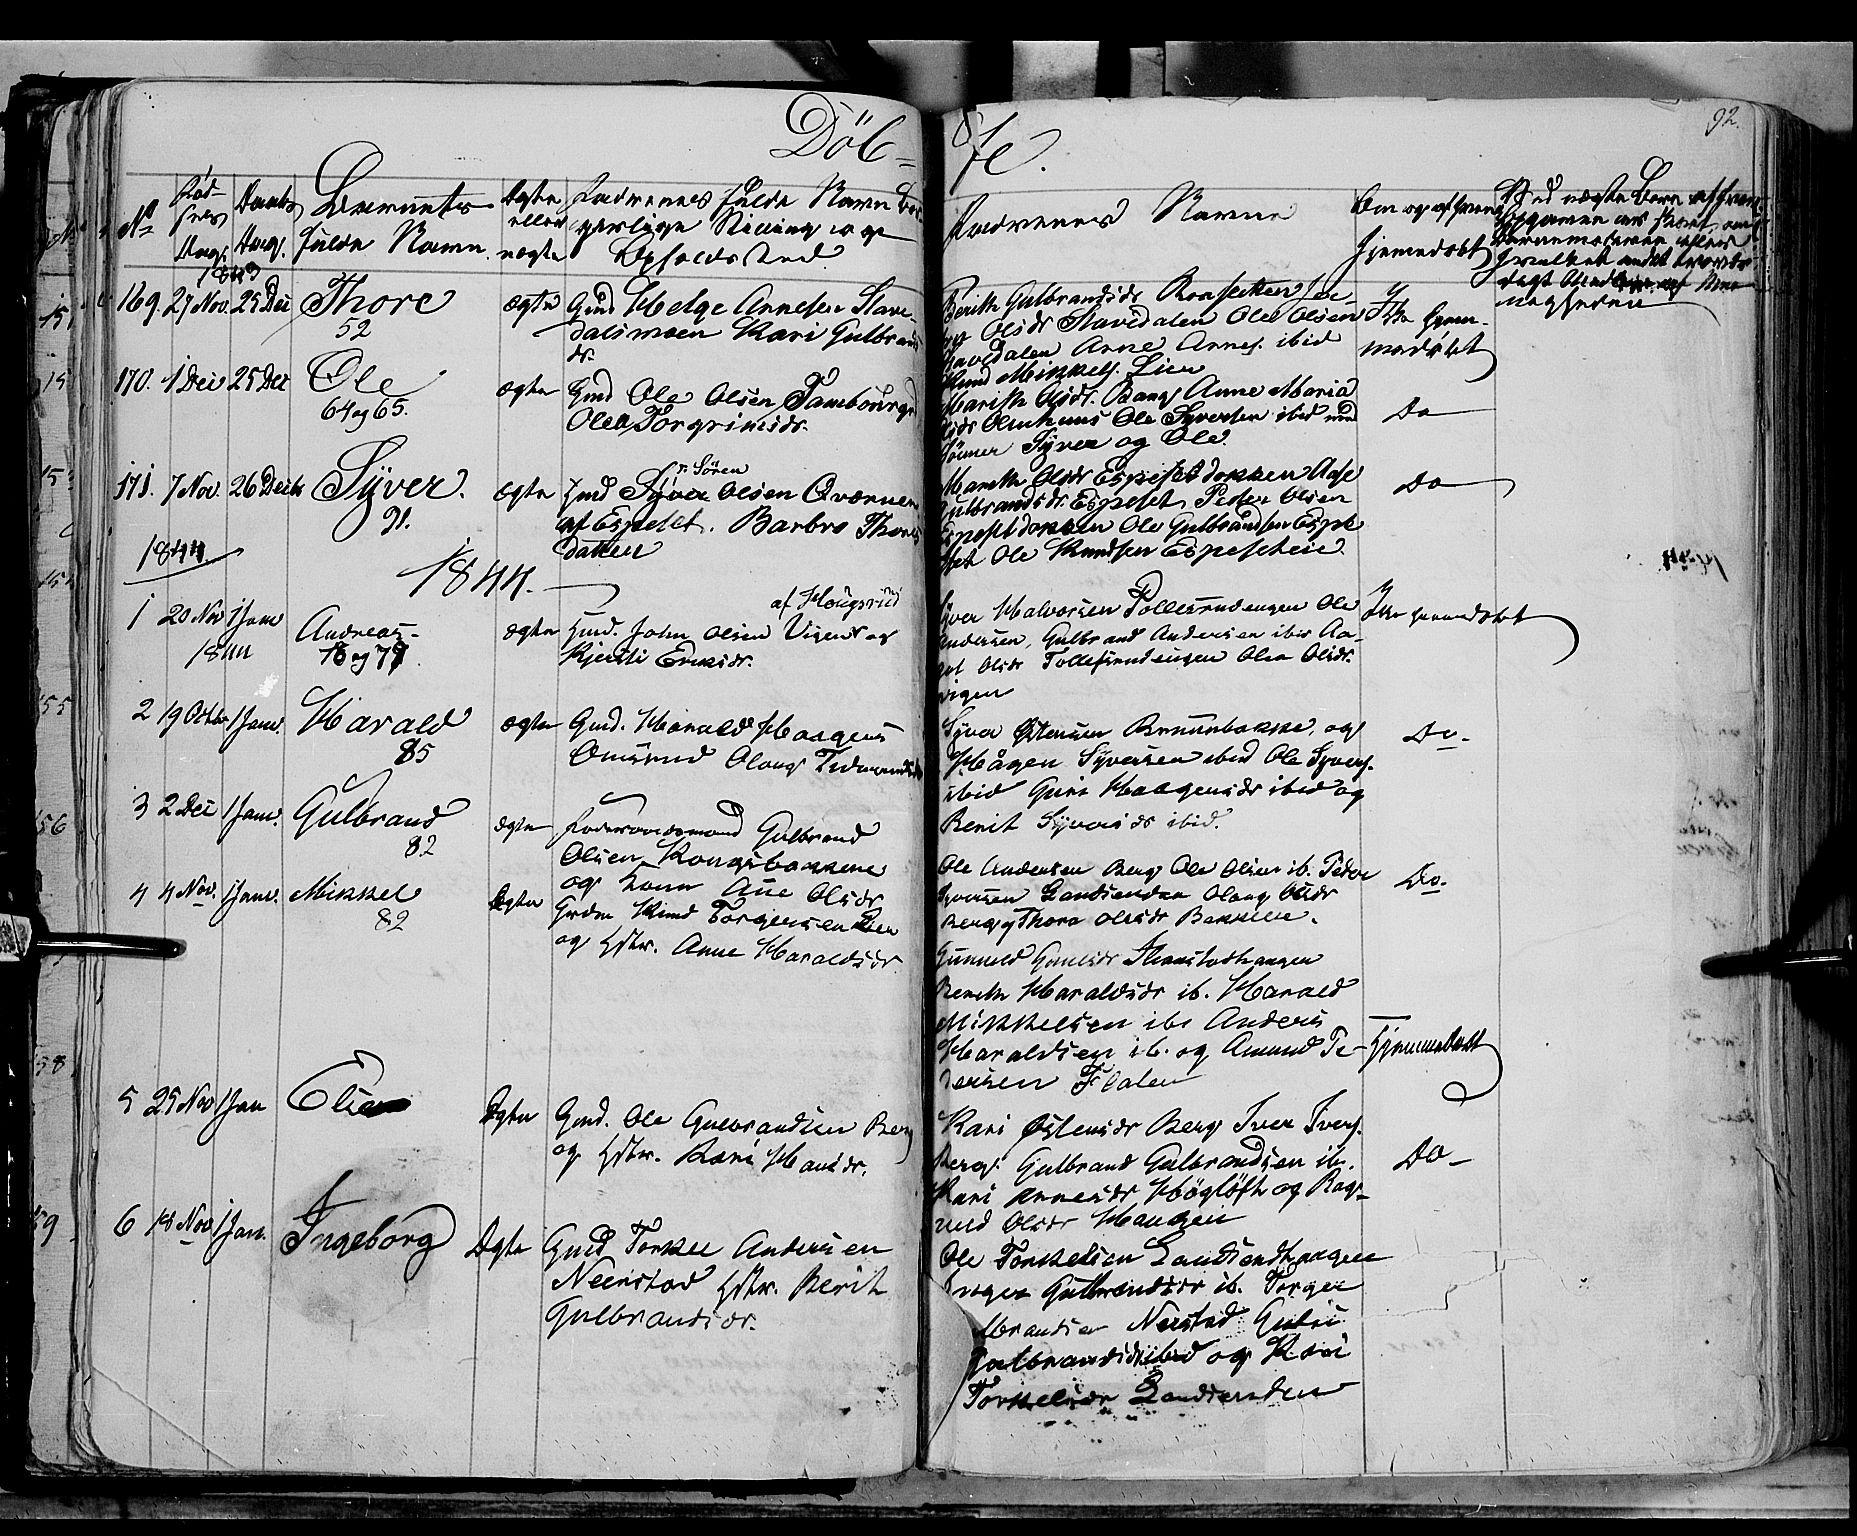 SAH, Sør-Aurdal prestekontor, Ministerialbok nr. 4, 1841-1849, s. 91-92